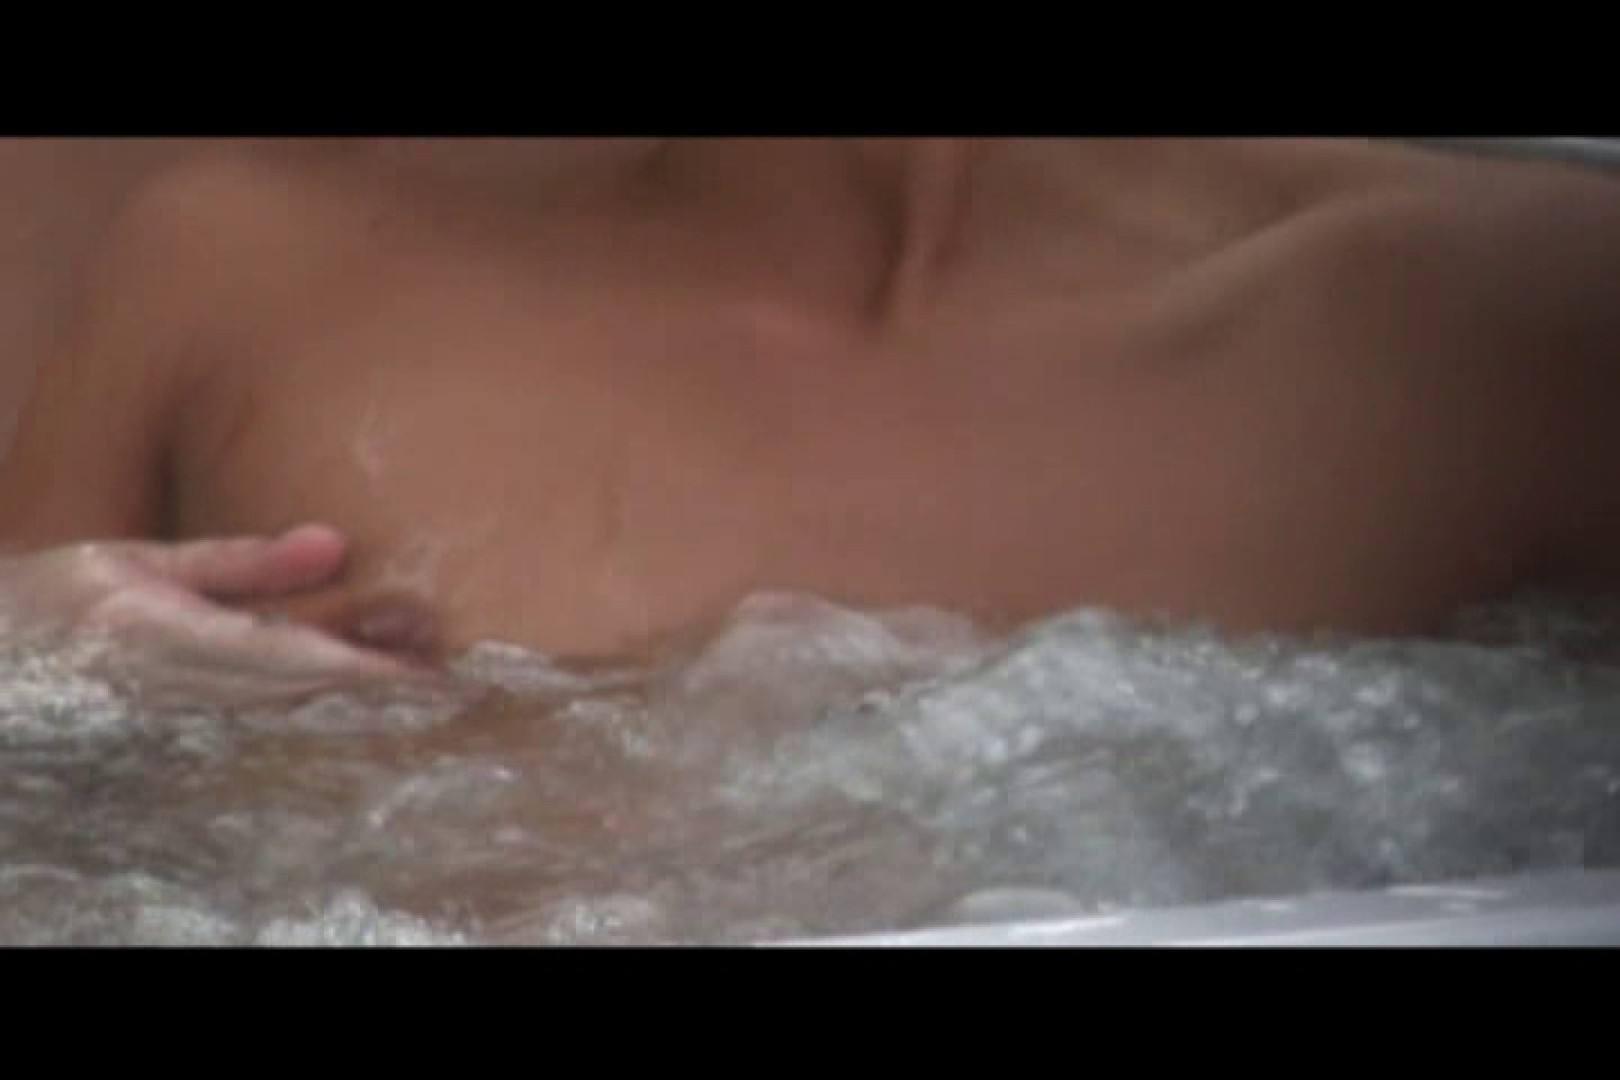 貸切露天 発情カップル! vol.05 露天風呂の女子達 | カップル  85画像 39